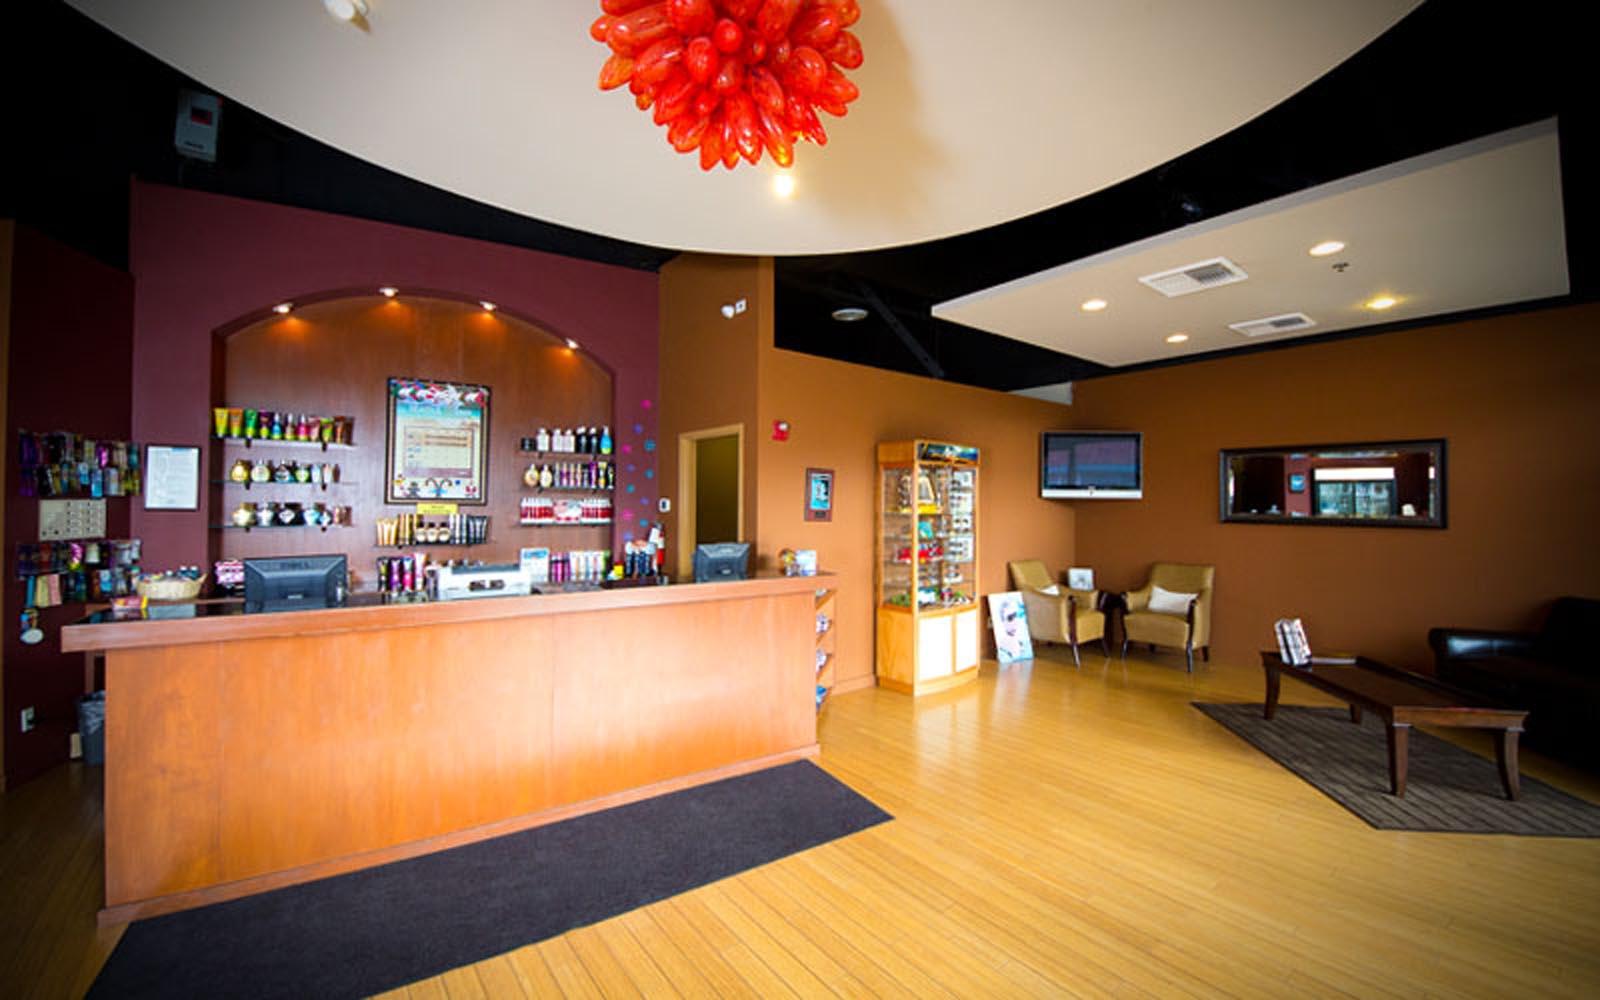 Seattle SunTan Redmond desk and seating area